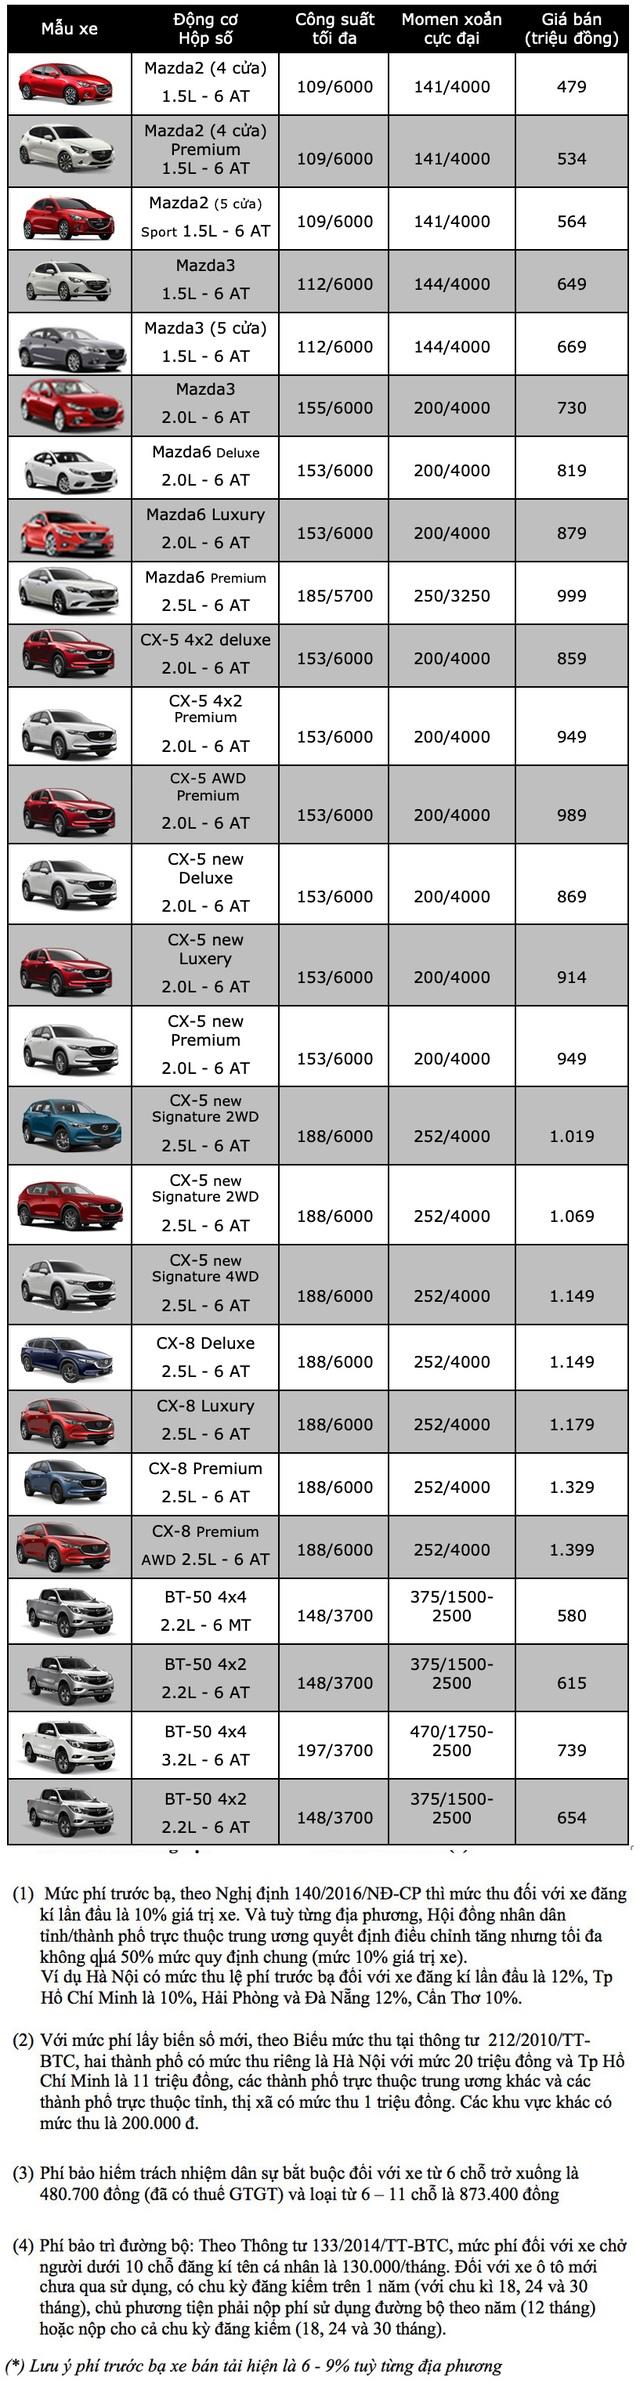 Bảng giá Mazda cập nhật tháng 10/2019 - 1